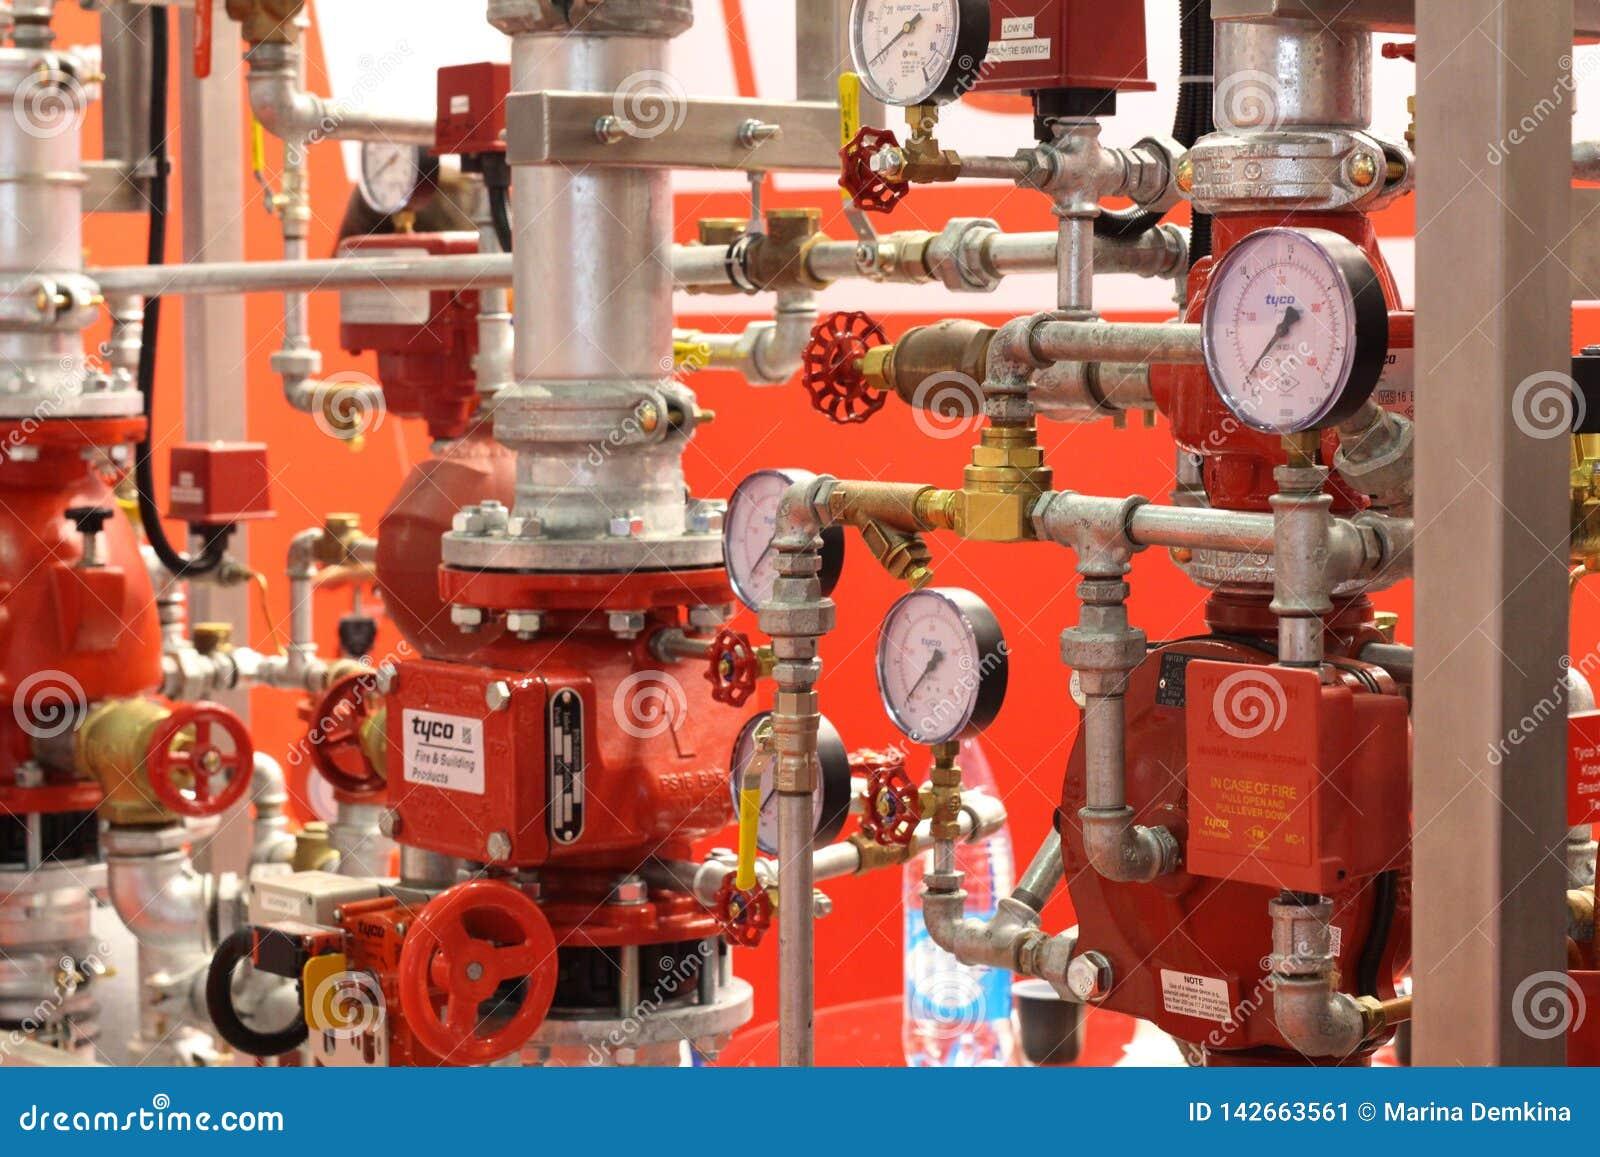 Automatisk vatten- och spridarebrand - sl